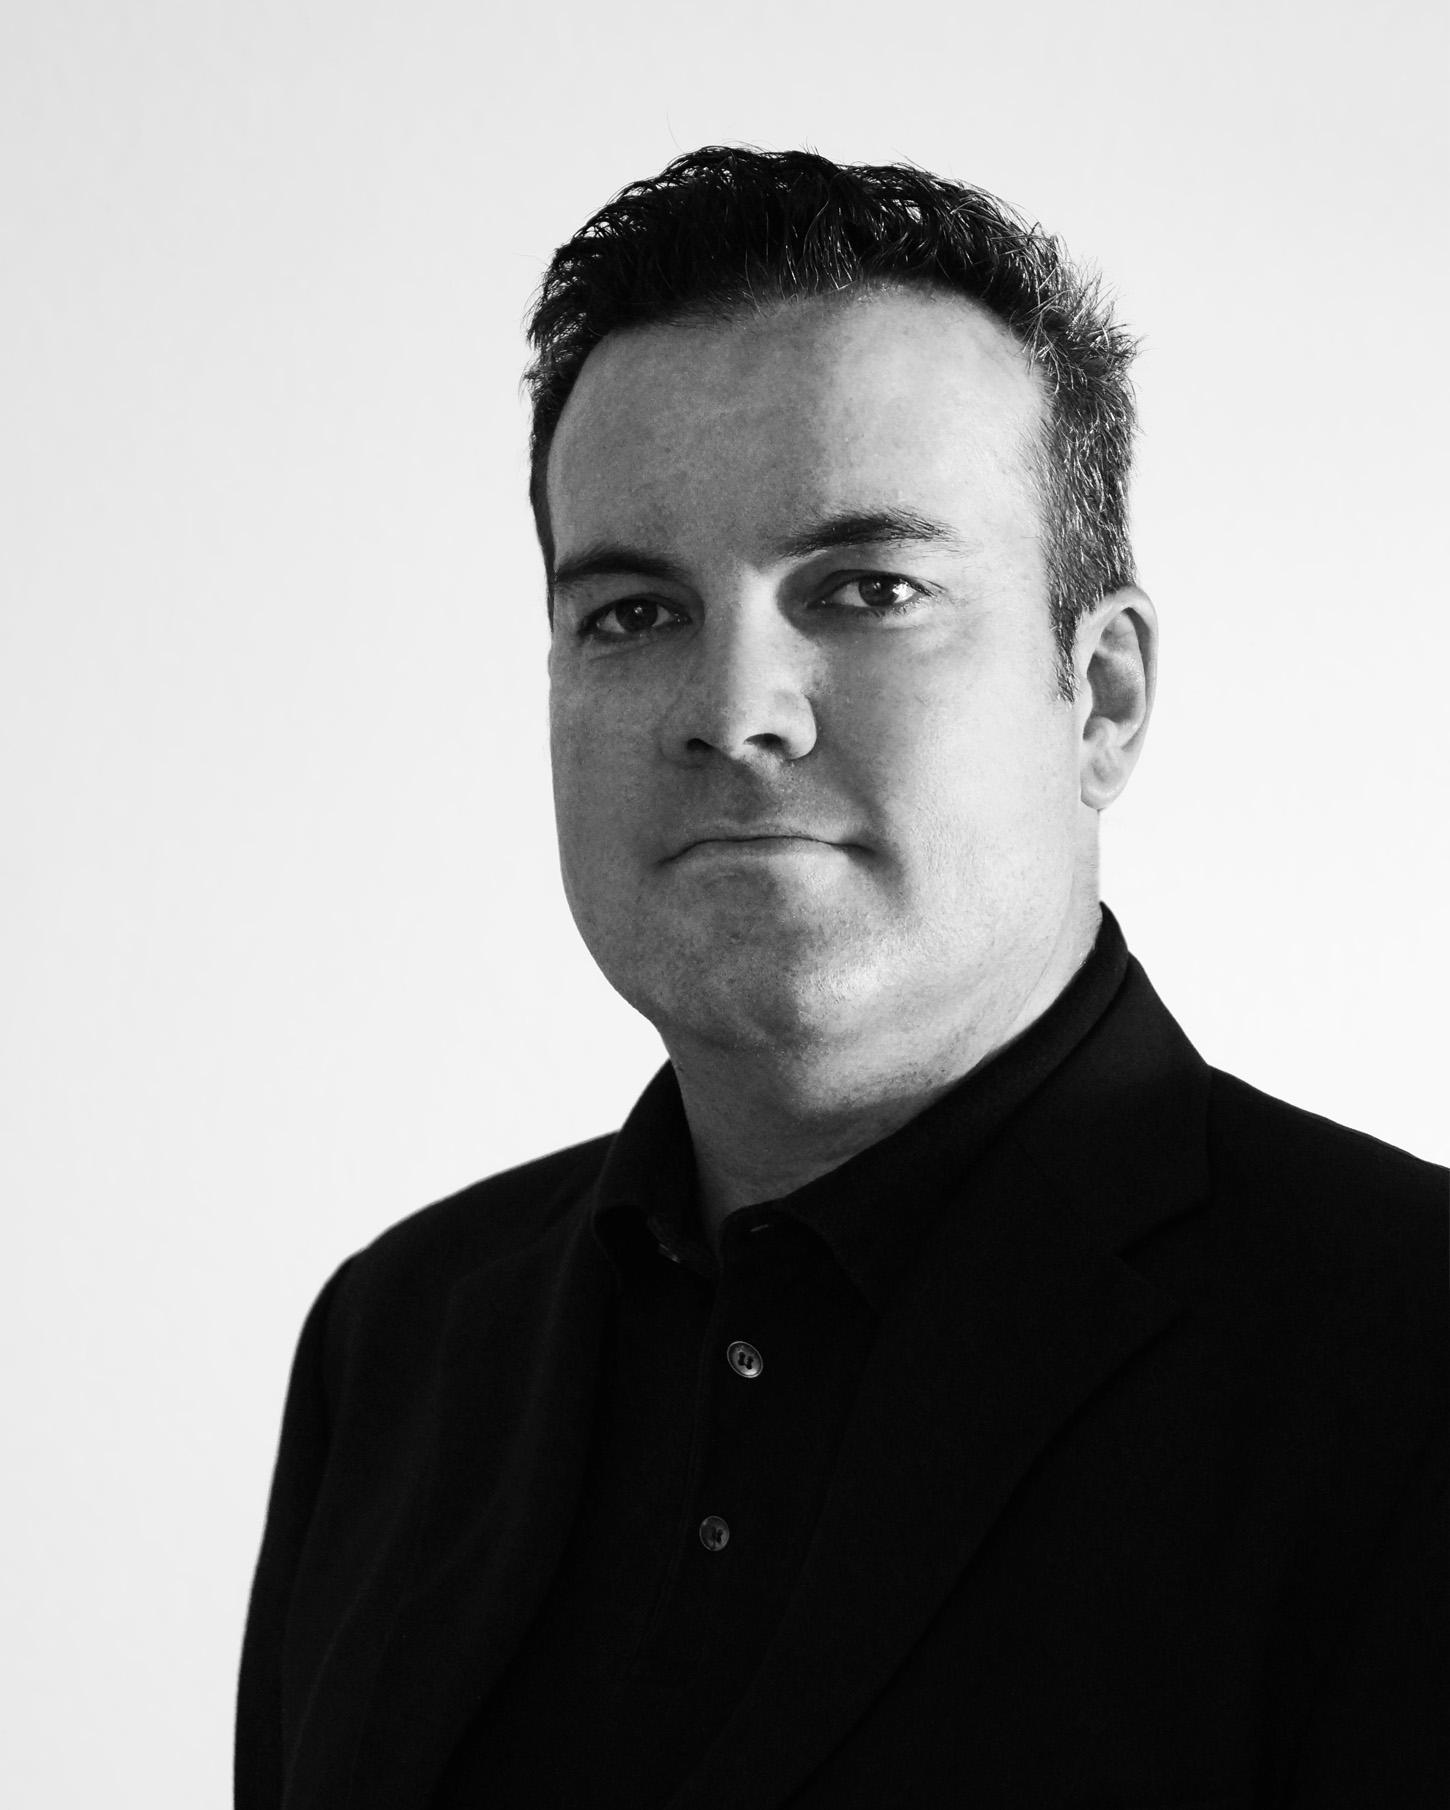 Oliver Kranz - Kommunikationsdesigner, Geschäftsführer von brand-neu grafik & text